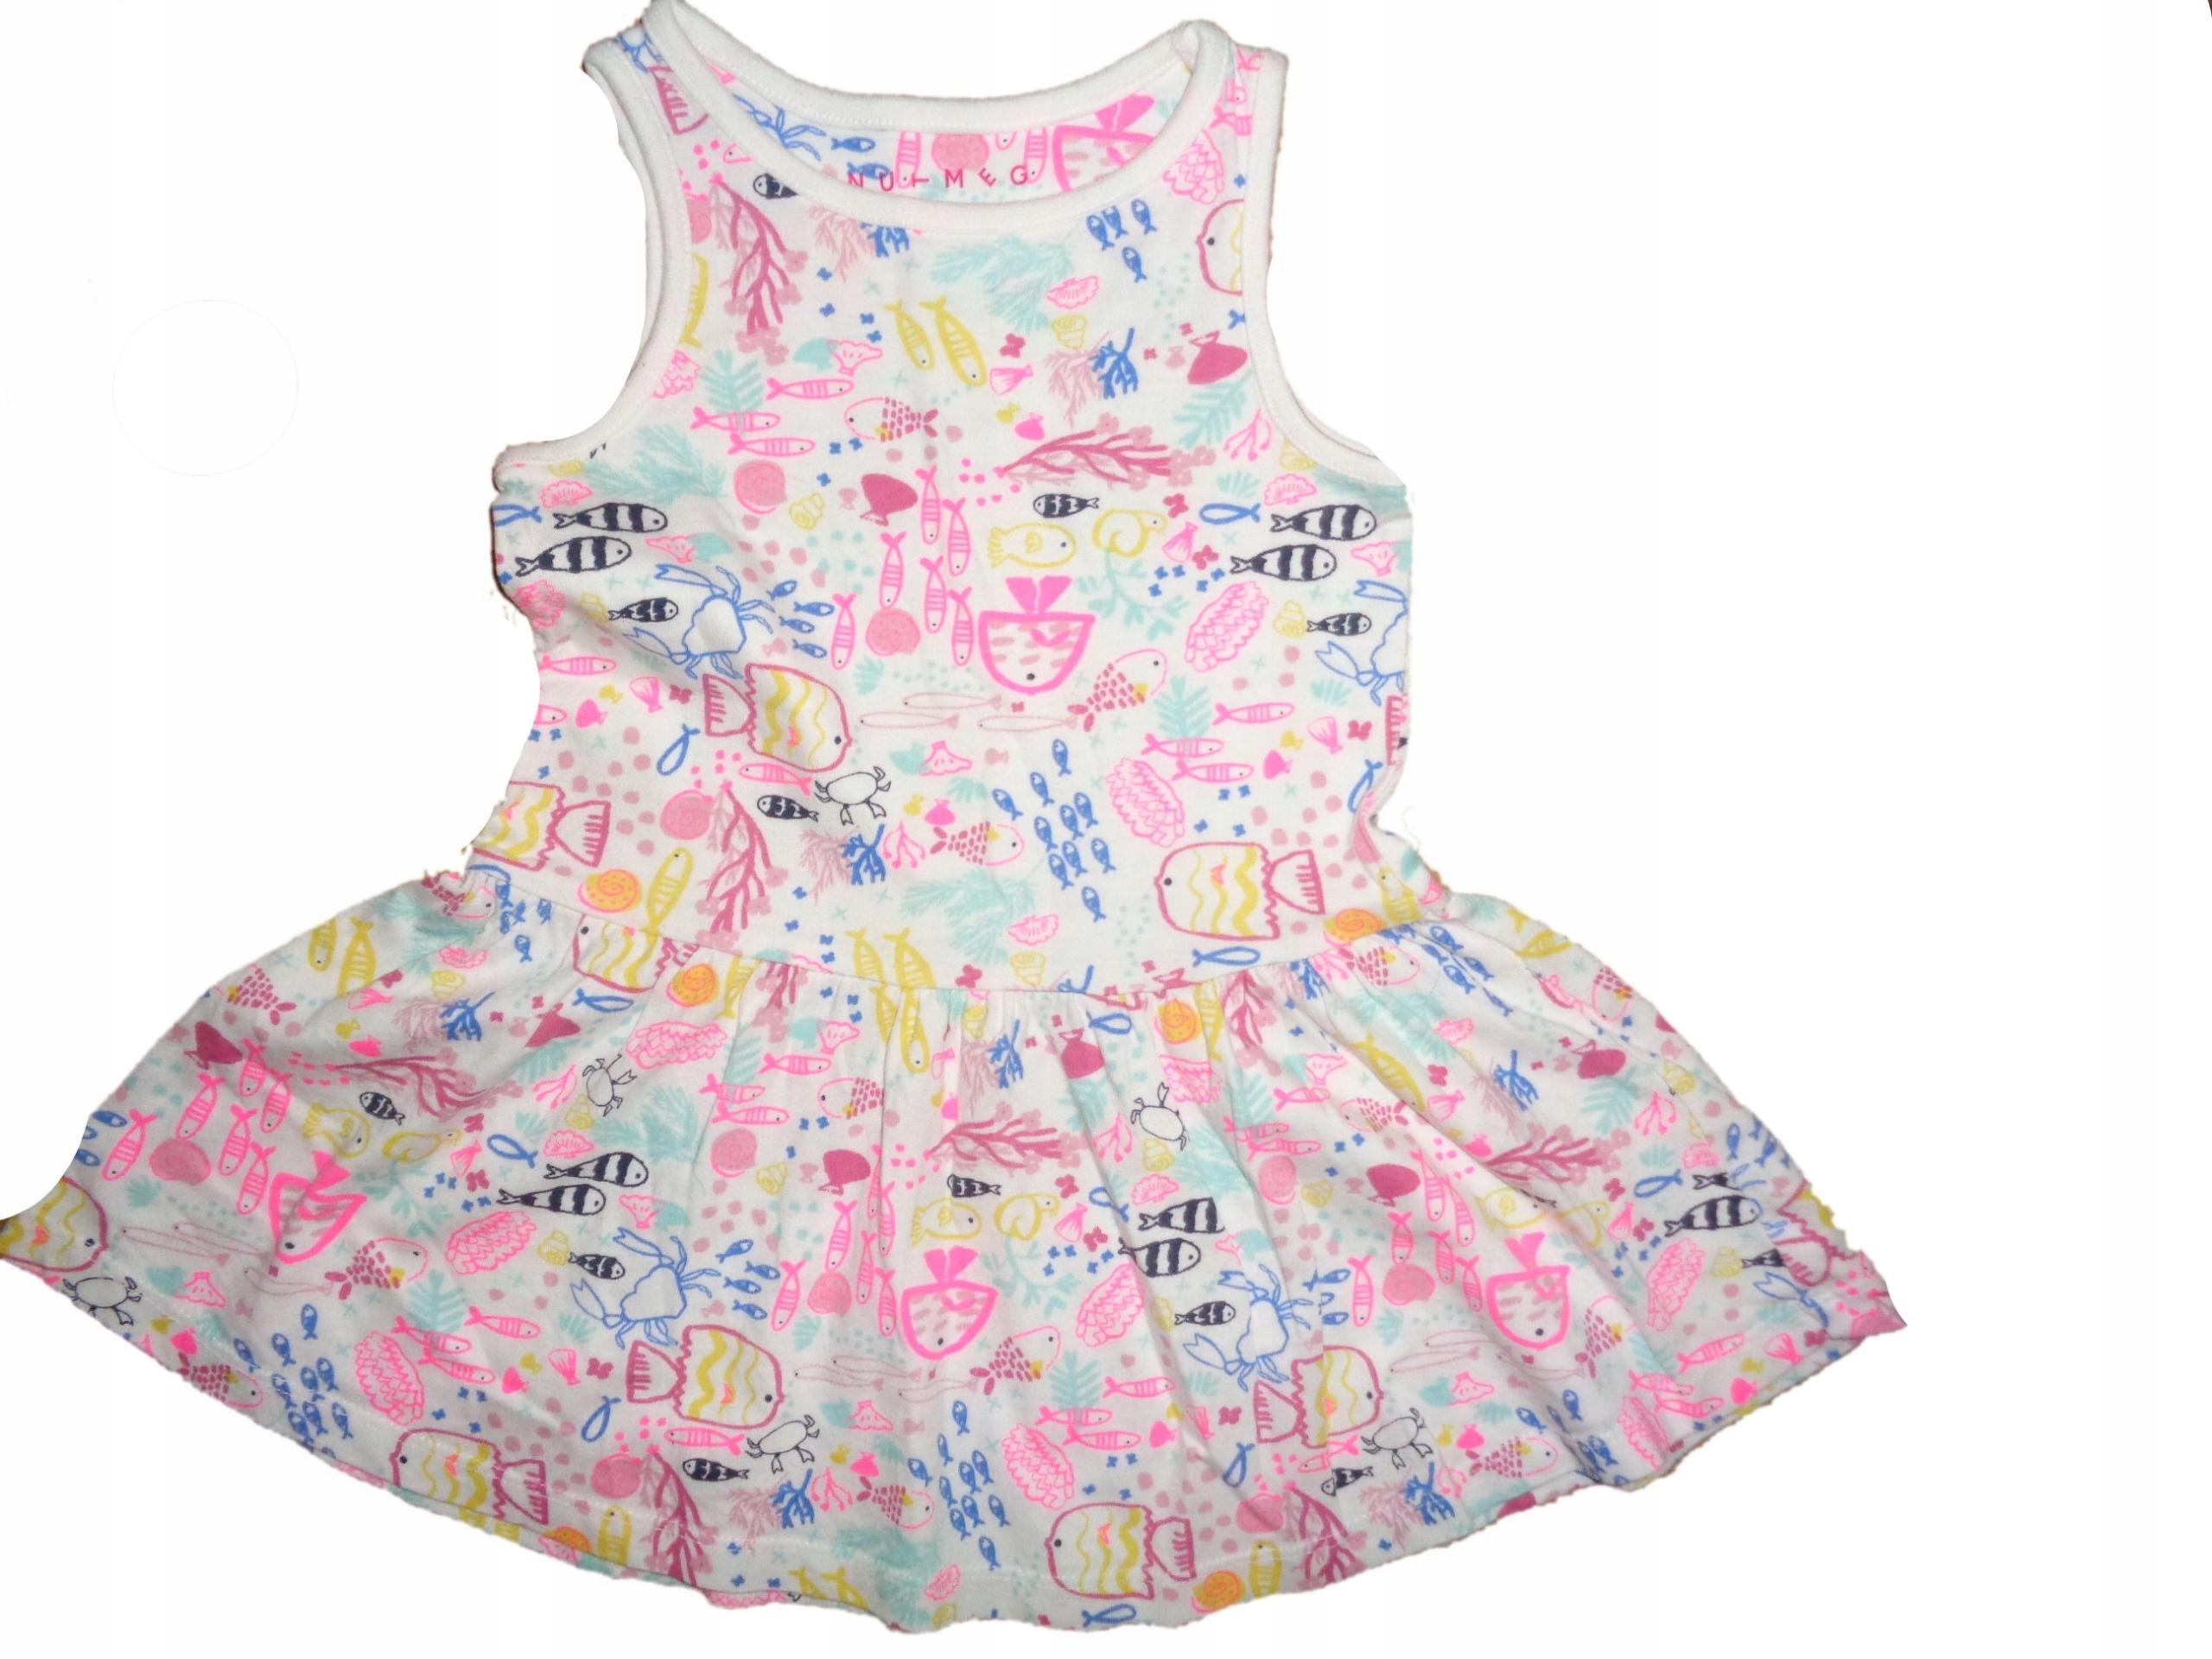 e26c56919b sukienka bawelna 86 stan bdb                  - 7495268894 ...